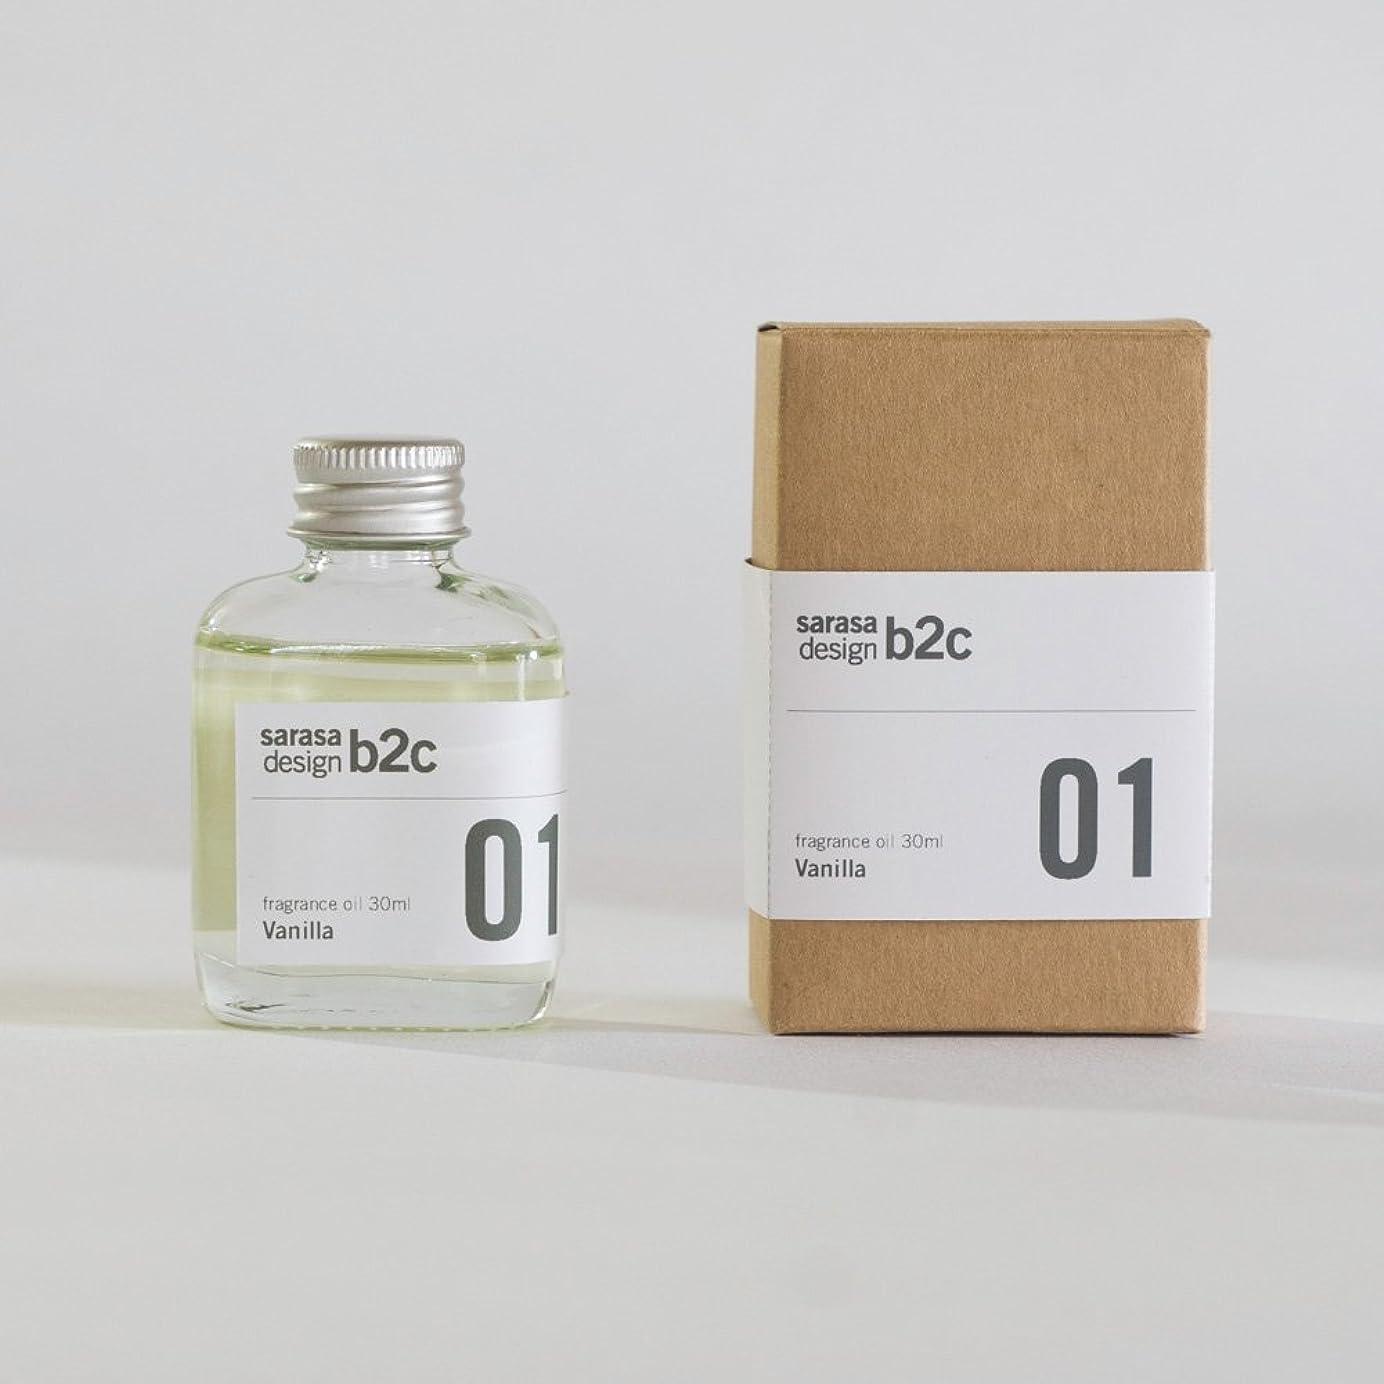 プーノクランプバリーar002gt/b2c フレグランスオイル30ml《グリーンティー》| 芳香剤 ルームフレグランス リードディフューザー アロマ ディフューザー